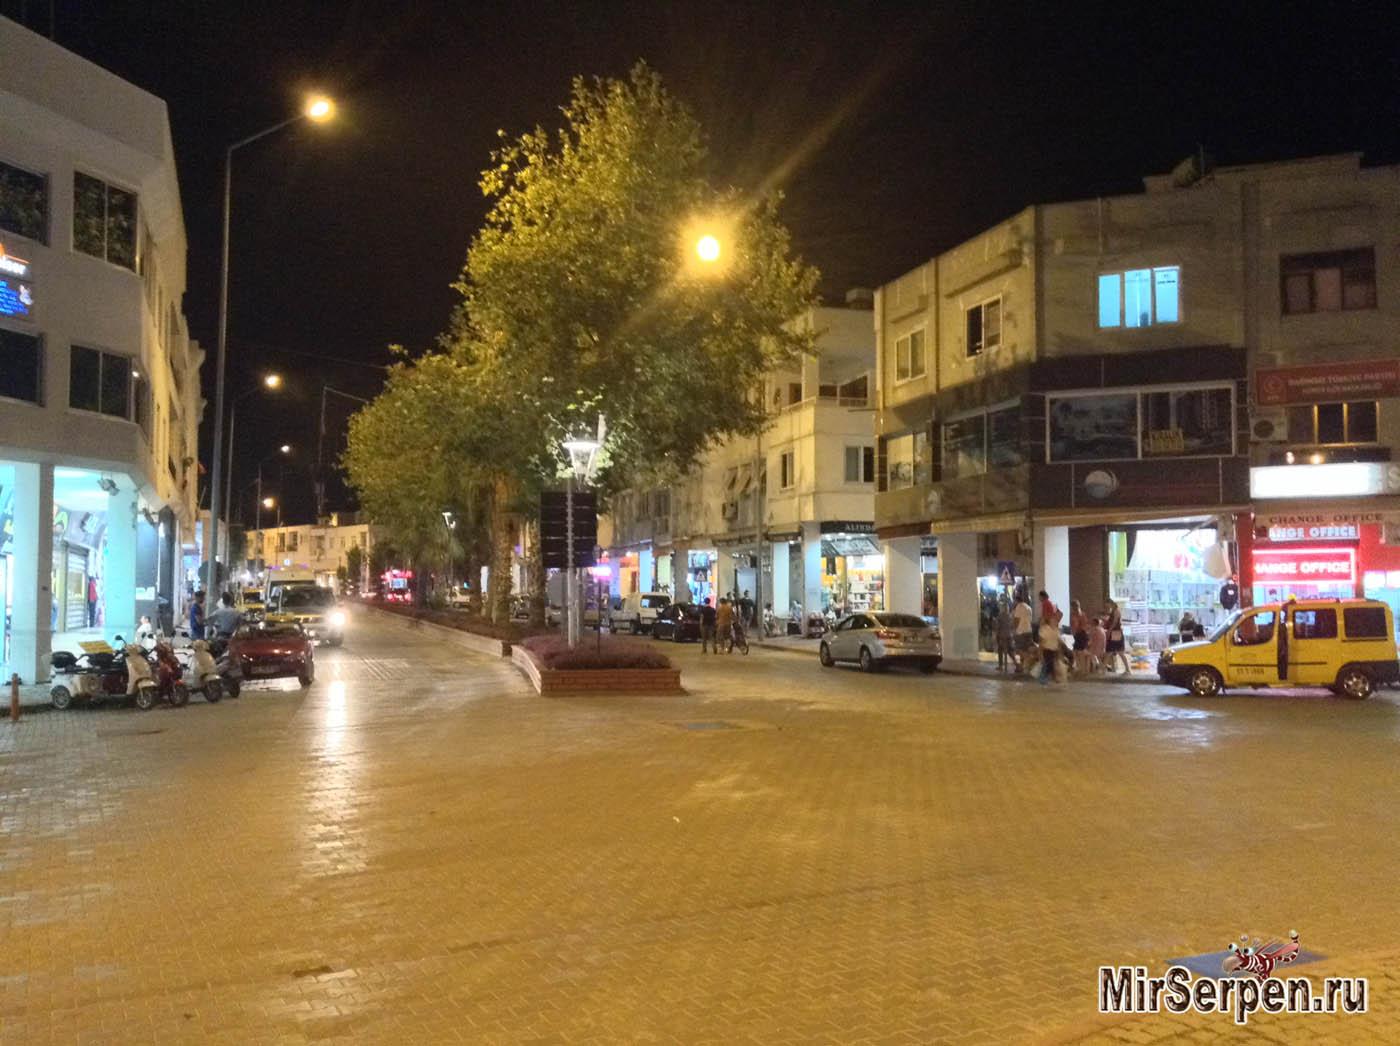 Безопасность туристов в Кемере, Турция